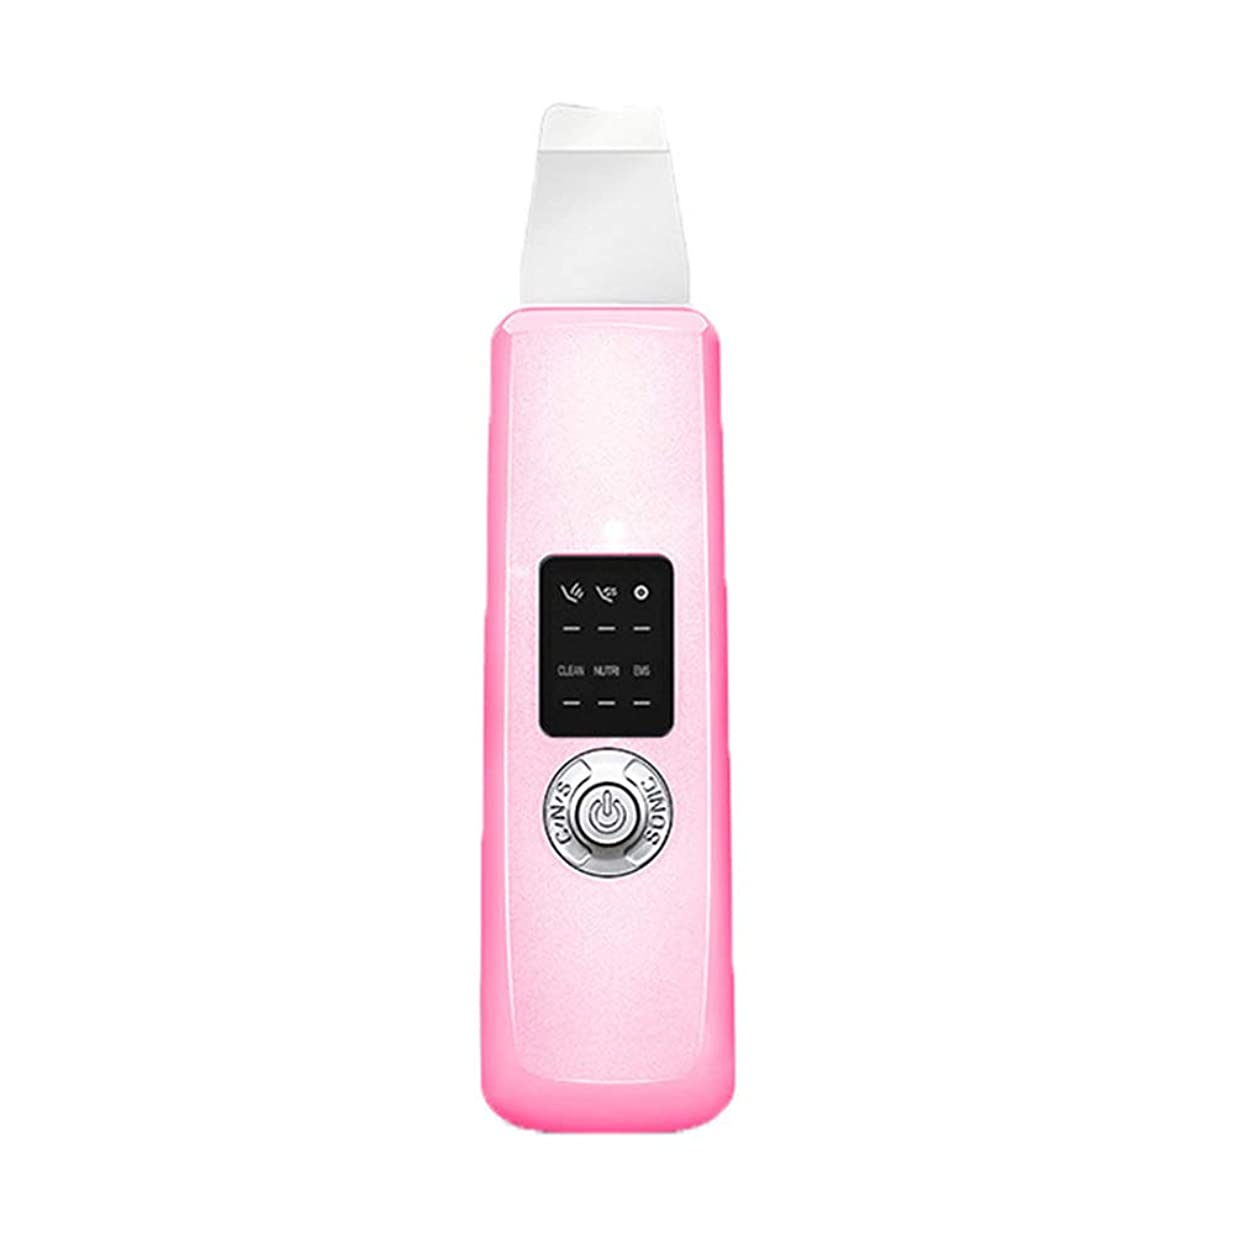 妨げる陰謀処方にきび除去剤、にきび毛穴クリーナーにきびに電気吸引ブラックヘッドアーティファクト電子美容洗剤,ピンク